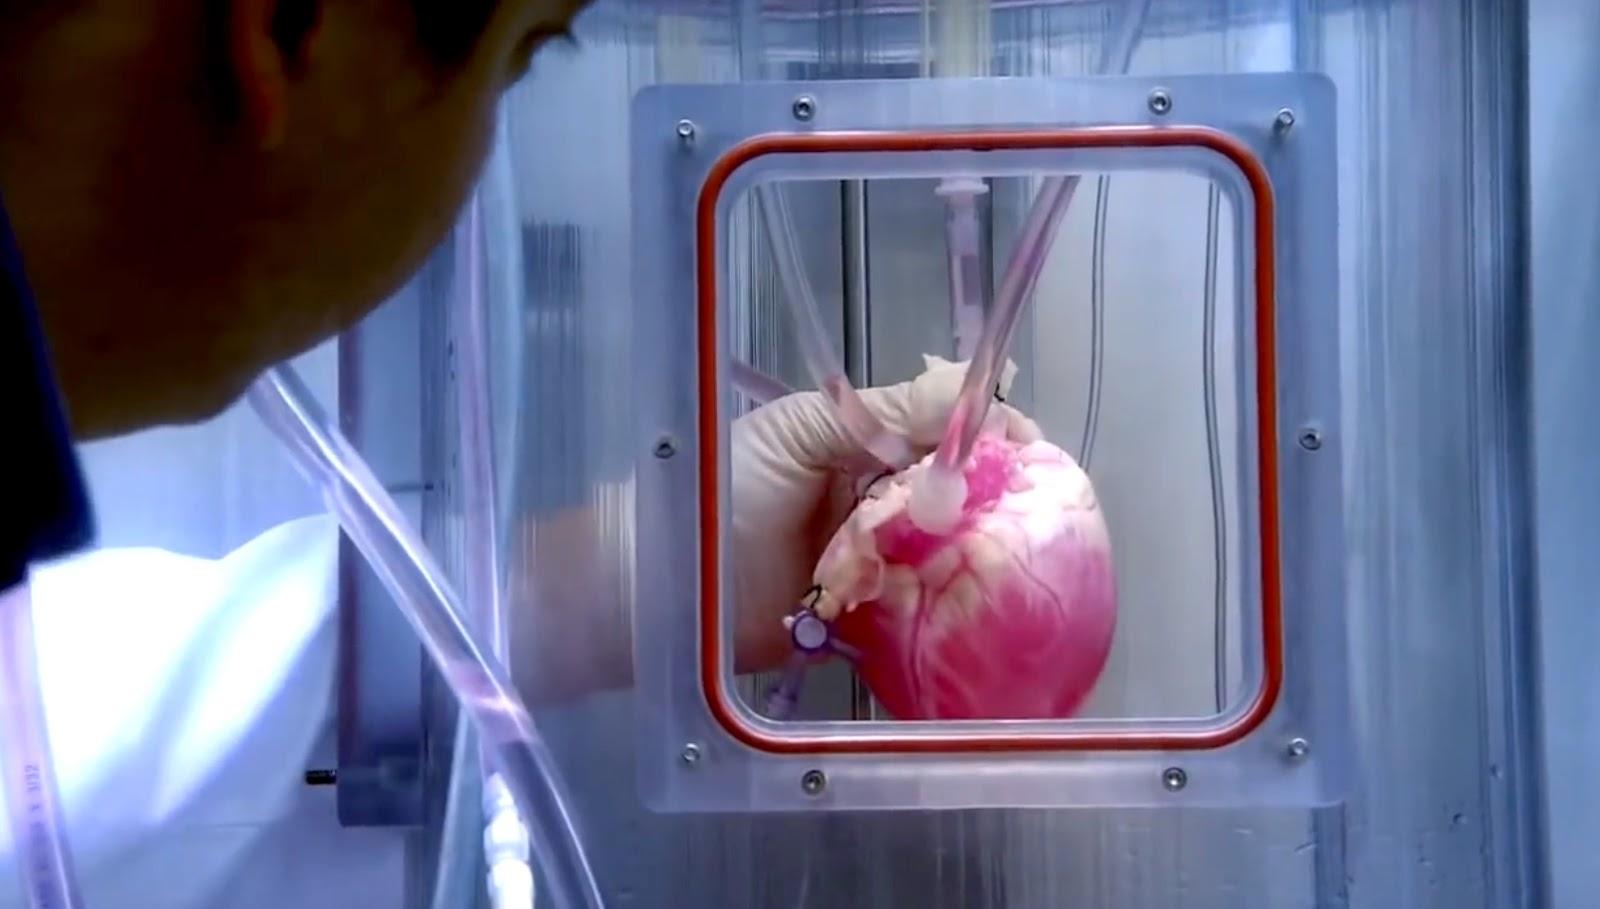 Τσιρότο καρδιάς, θα αντικαθιστά τα επικίνδυνα χειρουργεία